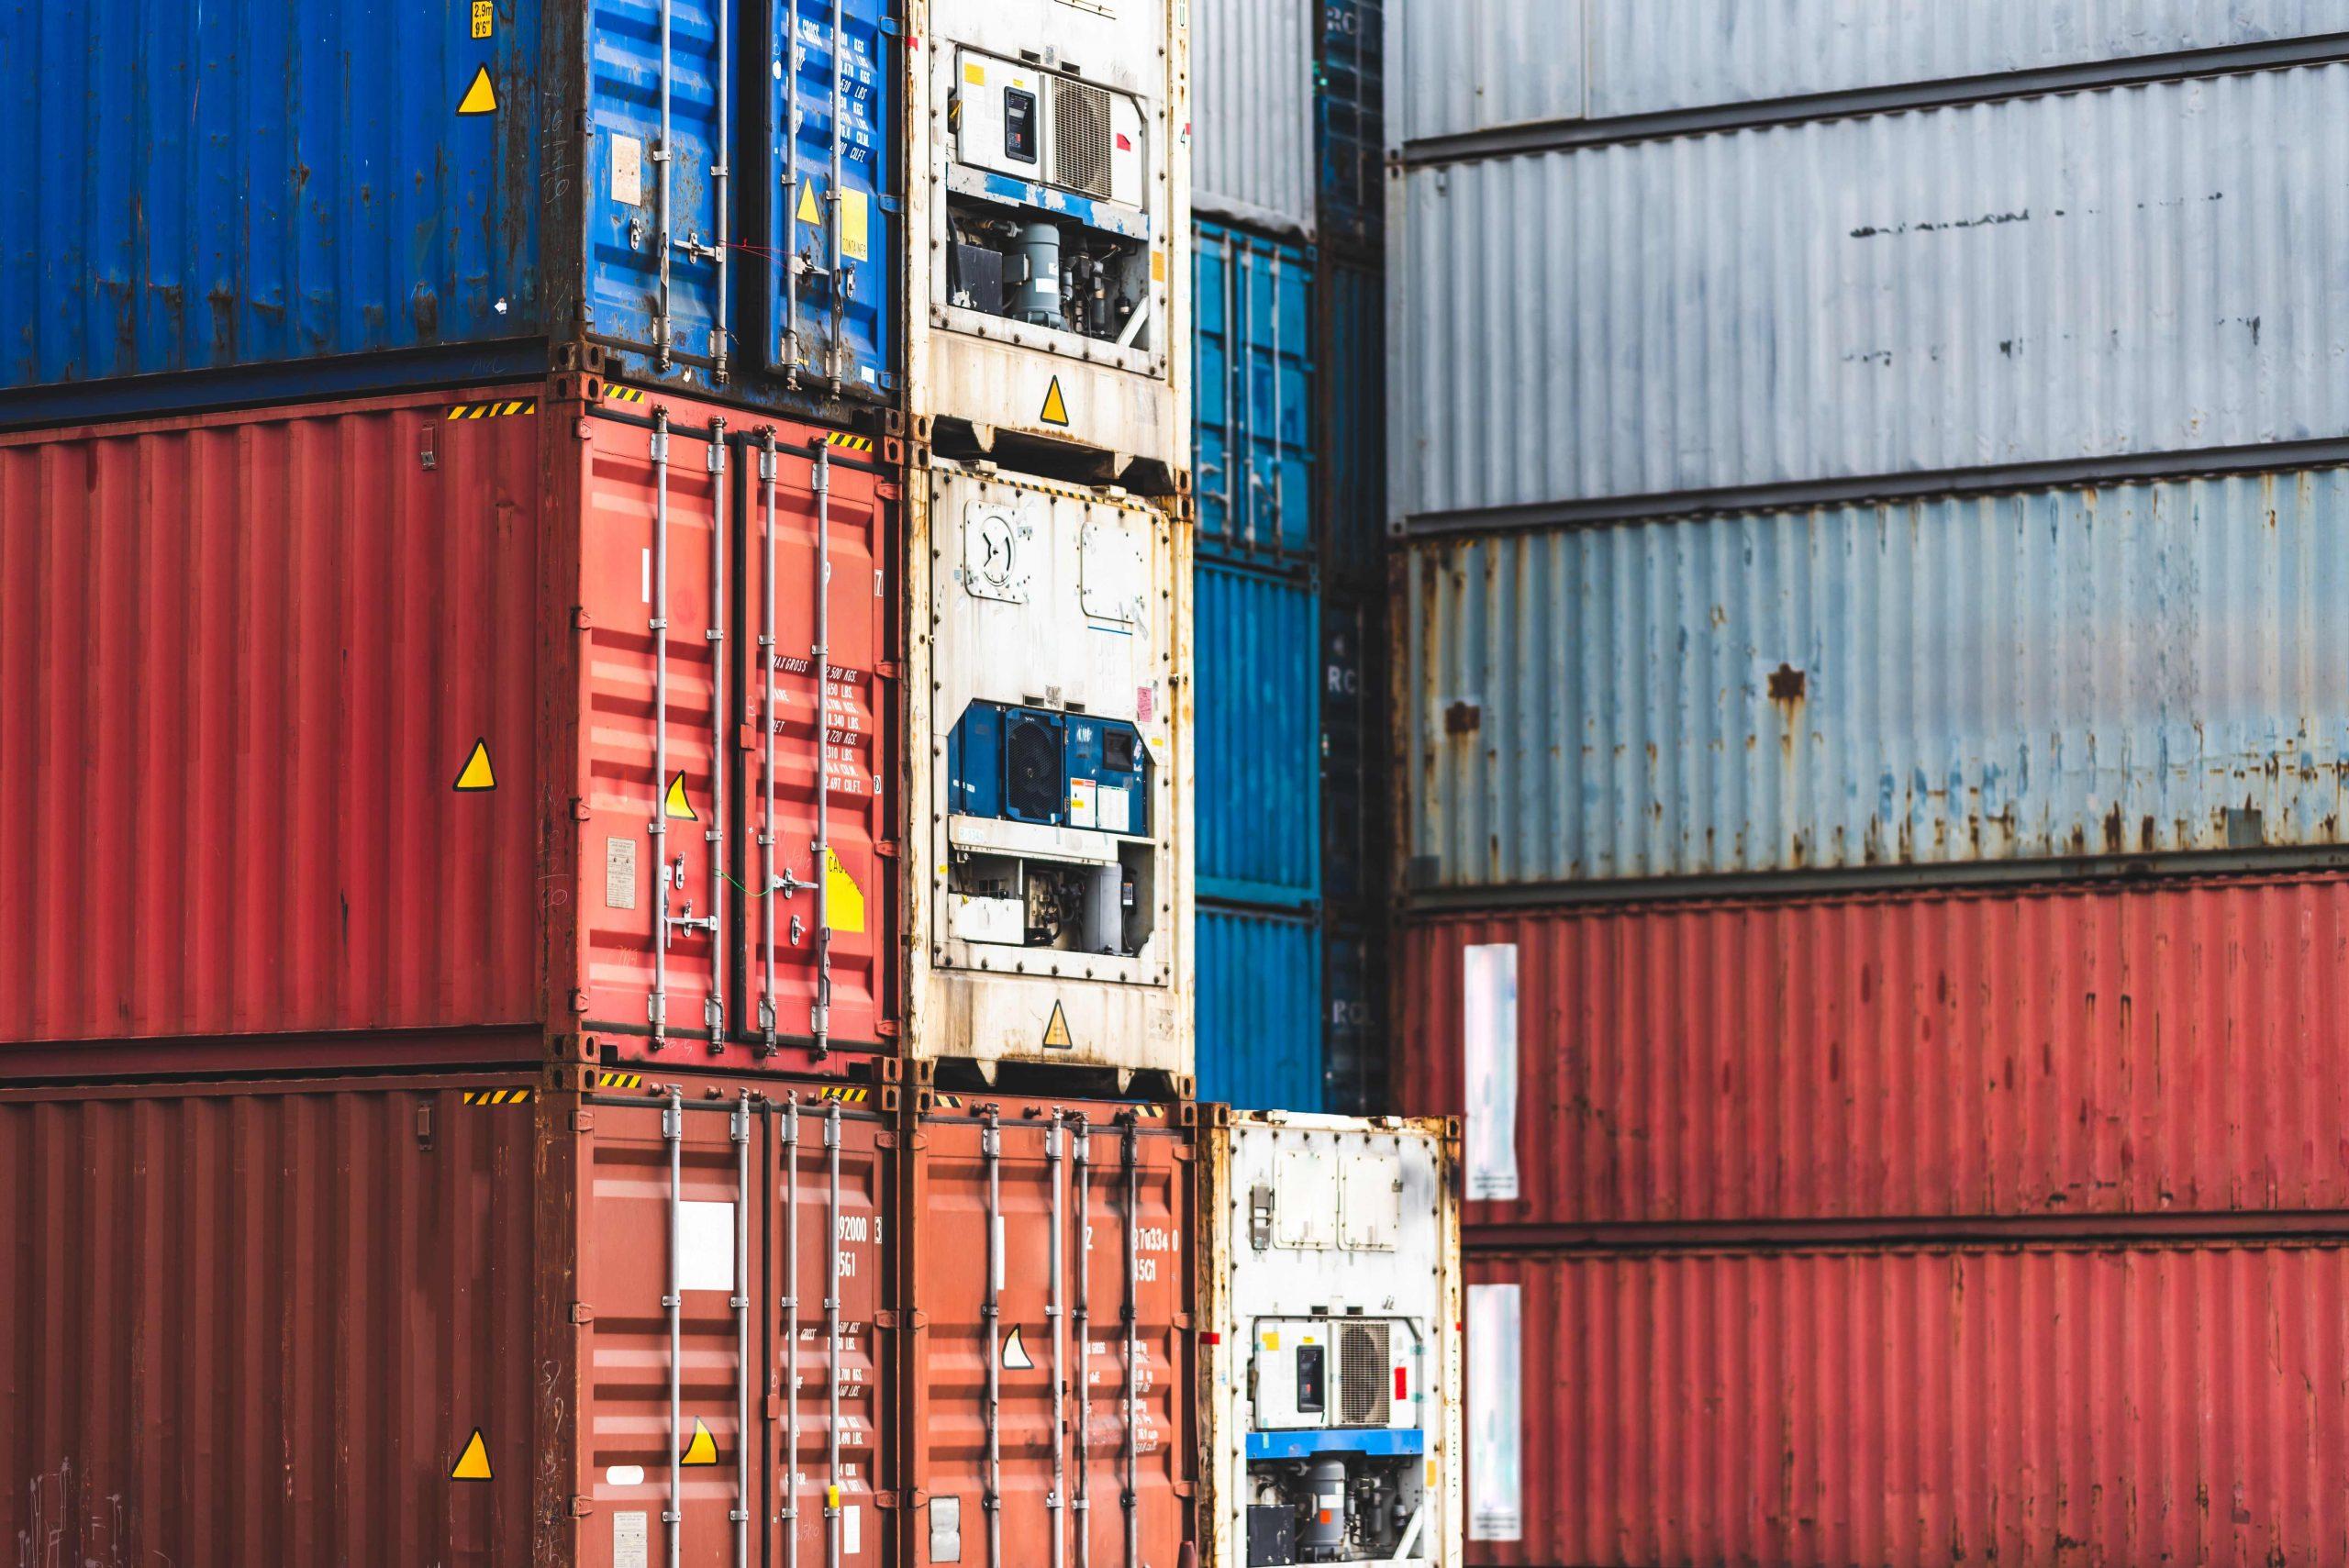 Desbalance en el comercio exterior, reto para el autotransporte - PosdataMx